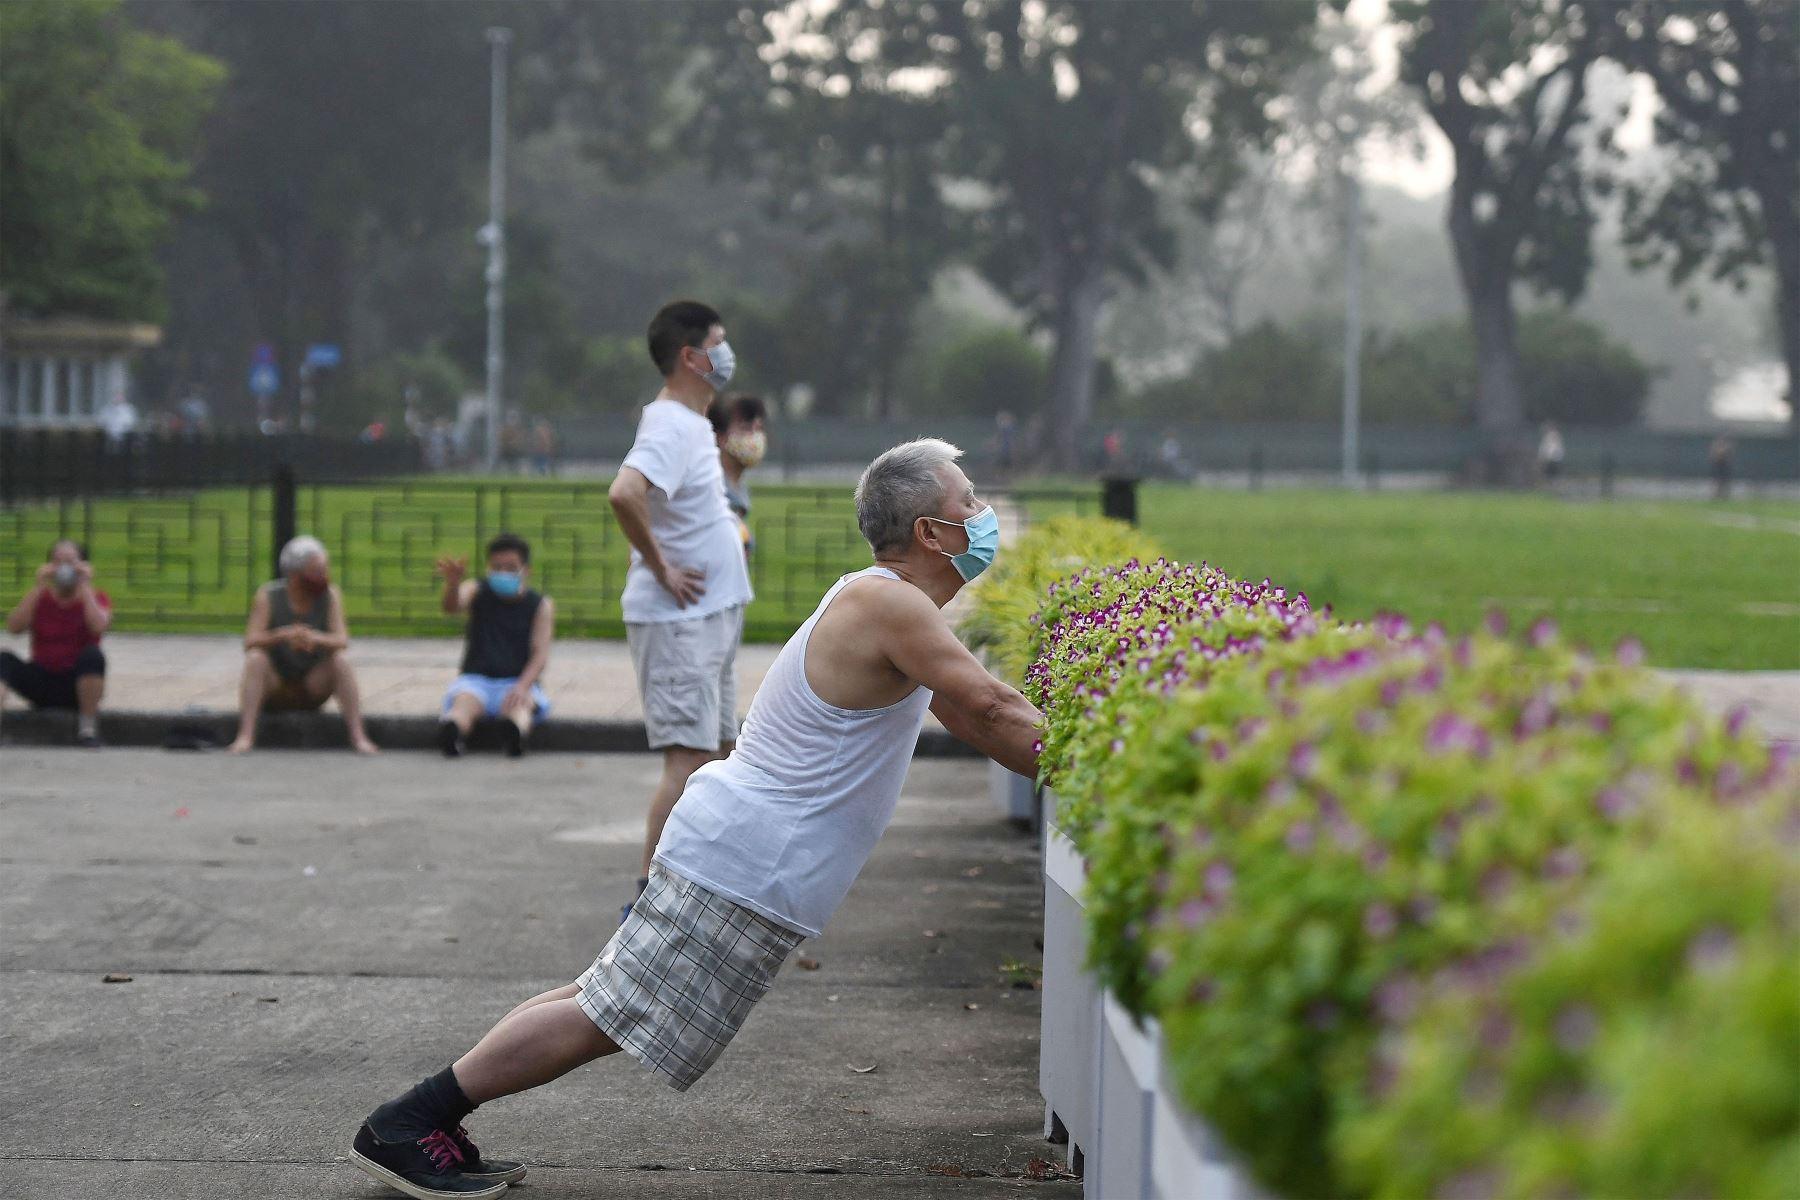 Un hombre se ejercita en un parque público en Hanoi, luego de que las autoridades de la ciudad permitieran las actividades deportivas al aire libre luego de la flexibilización de las restricciones del coronavirus Covid-19.  Foto: AFP